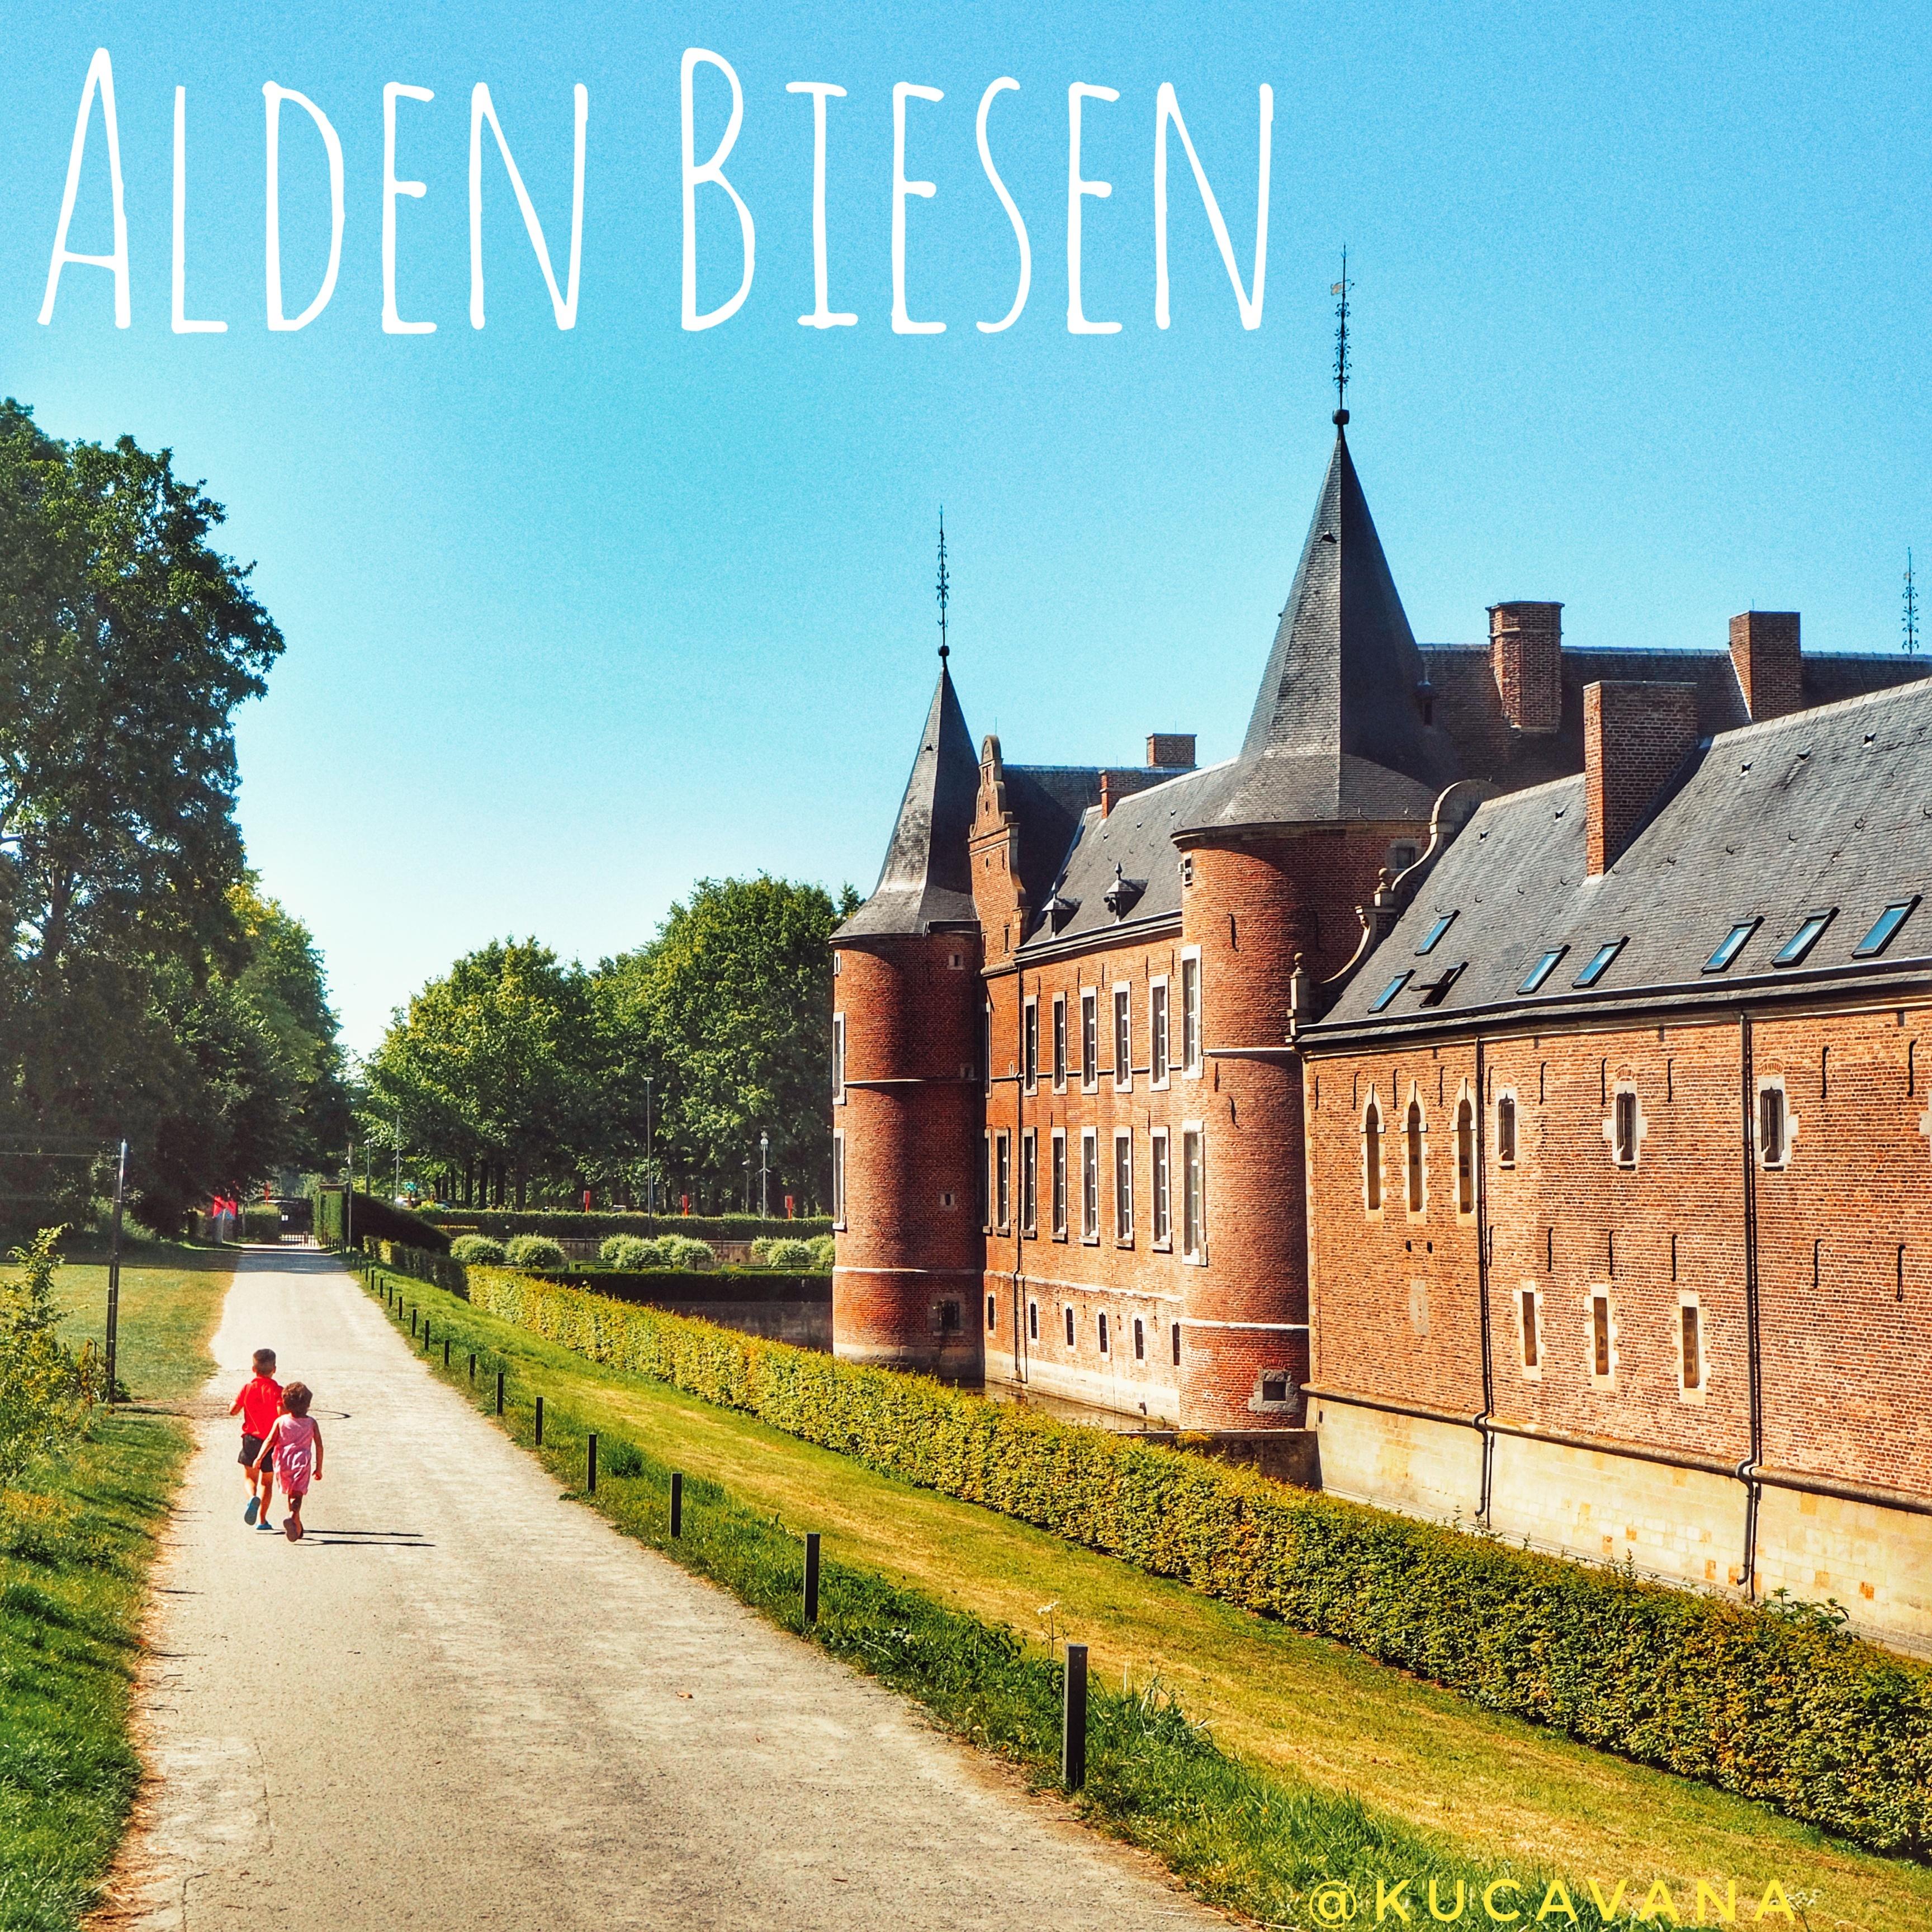 Alden Biesen, l'un des plus grands châteaux de Belgique